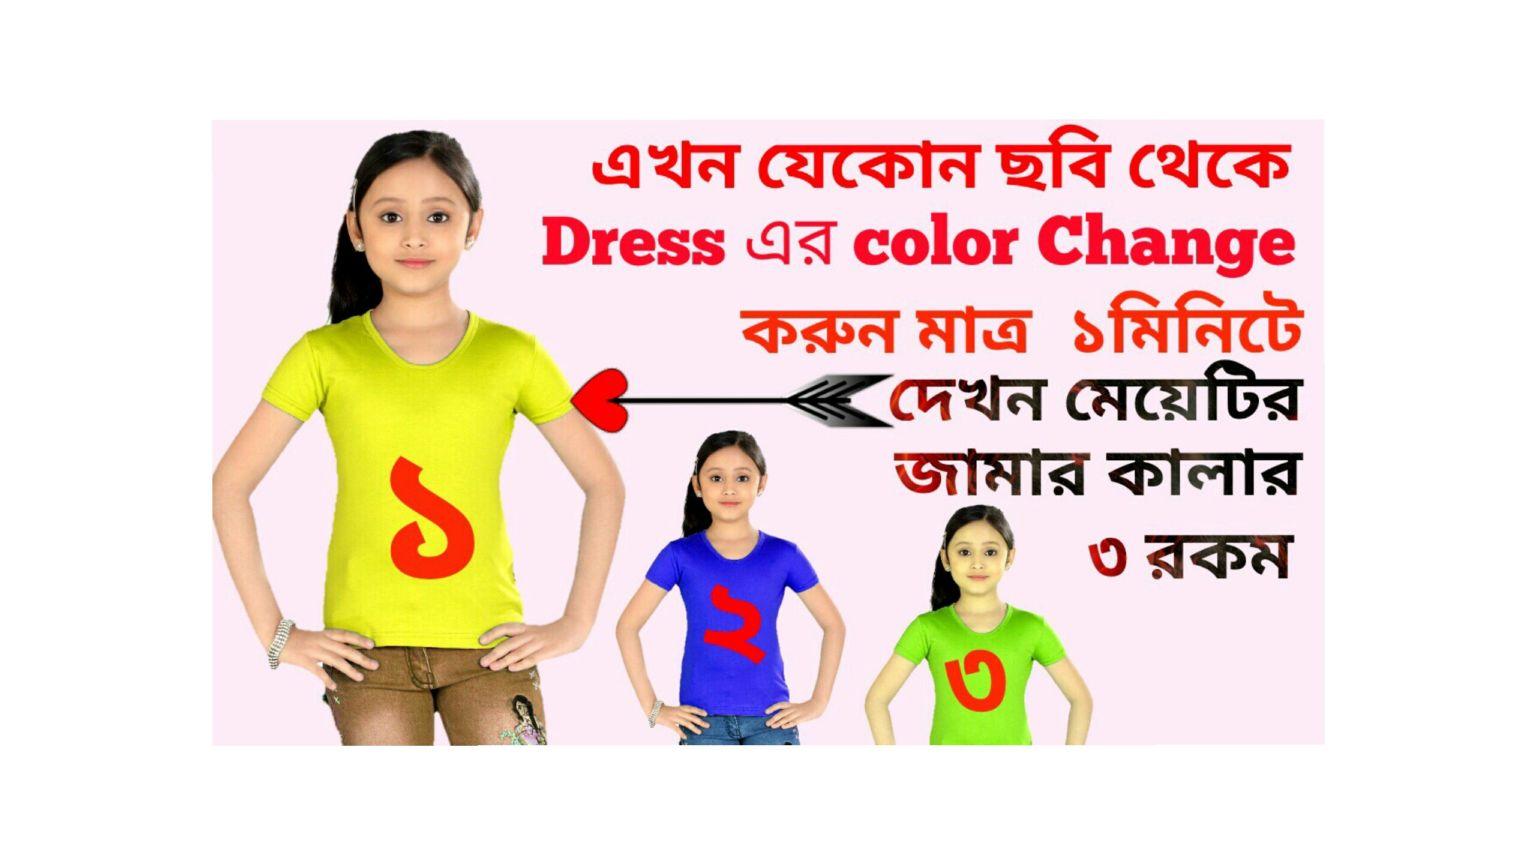 যে কোন  ছবি থেকে Dress( জামা) কালার Change করে ফেলুন মুহূর্তে